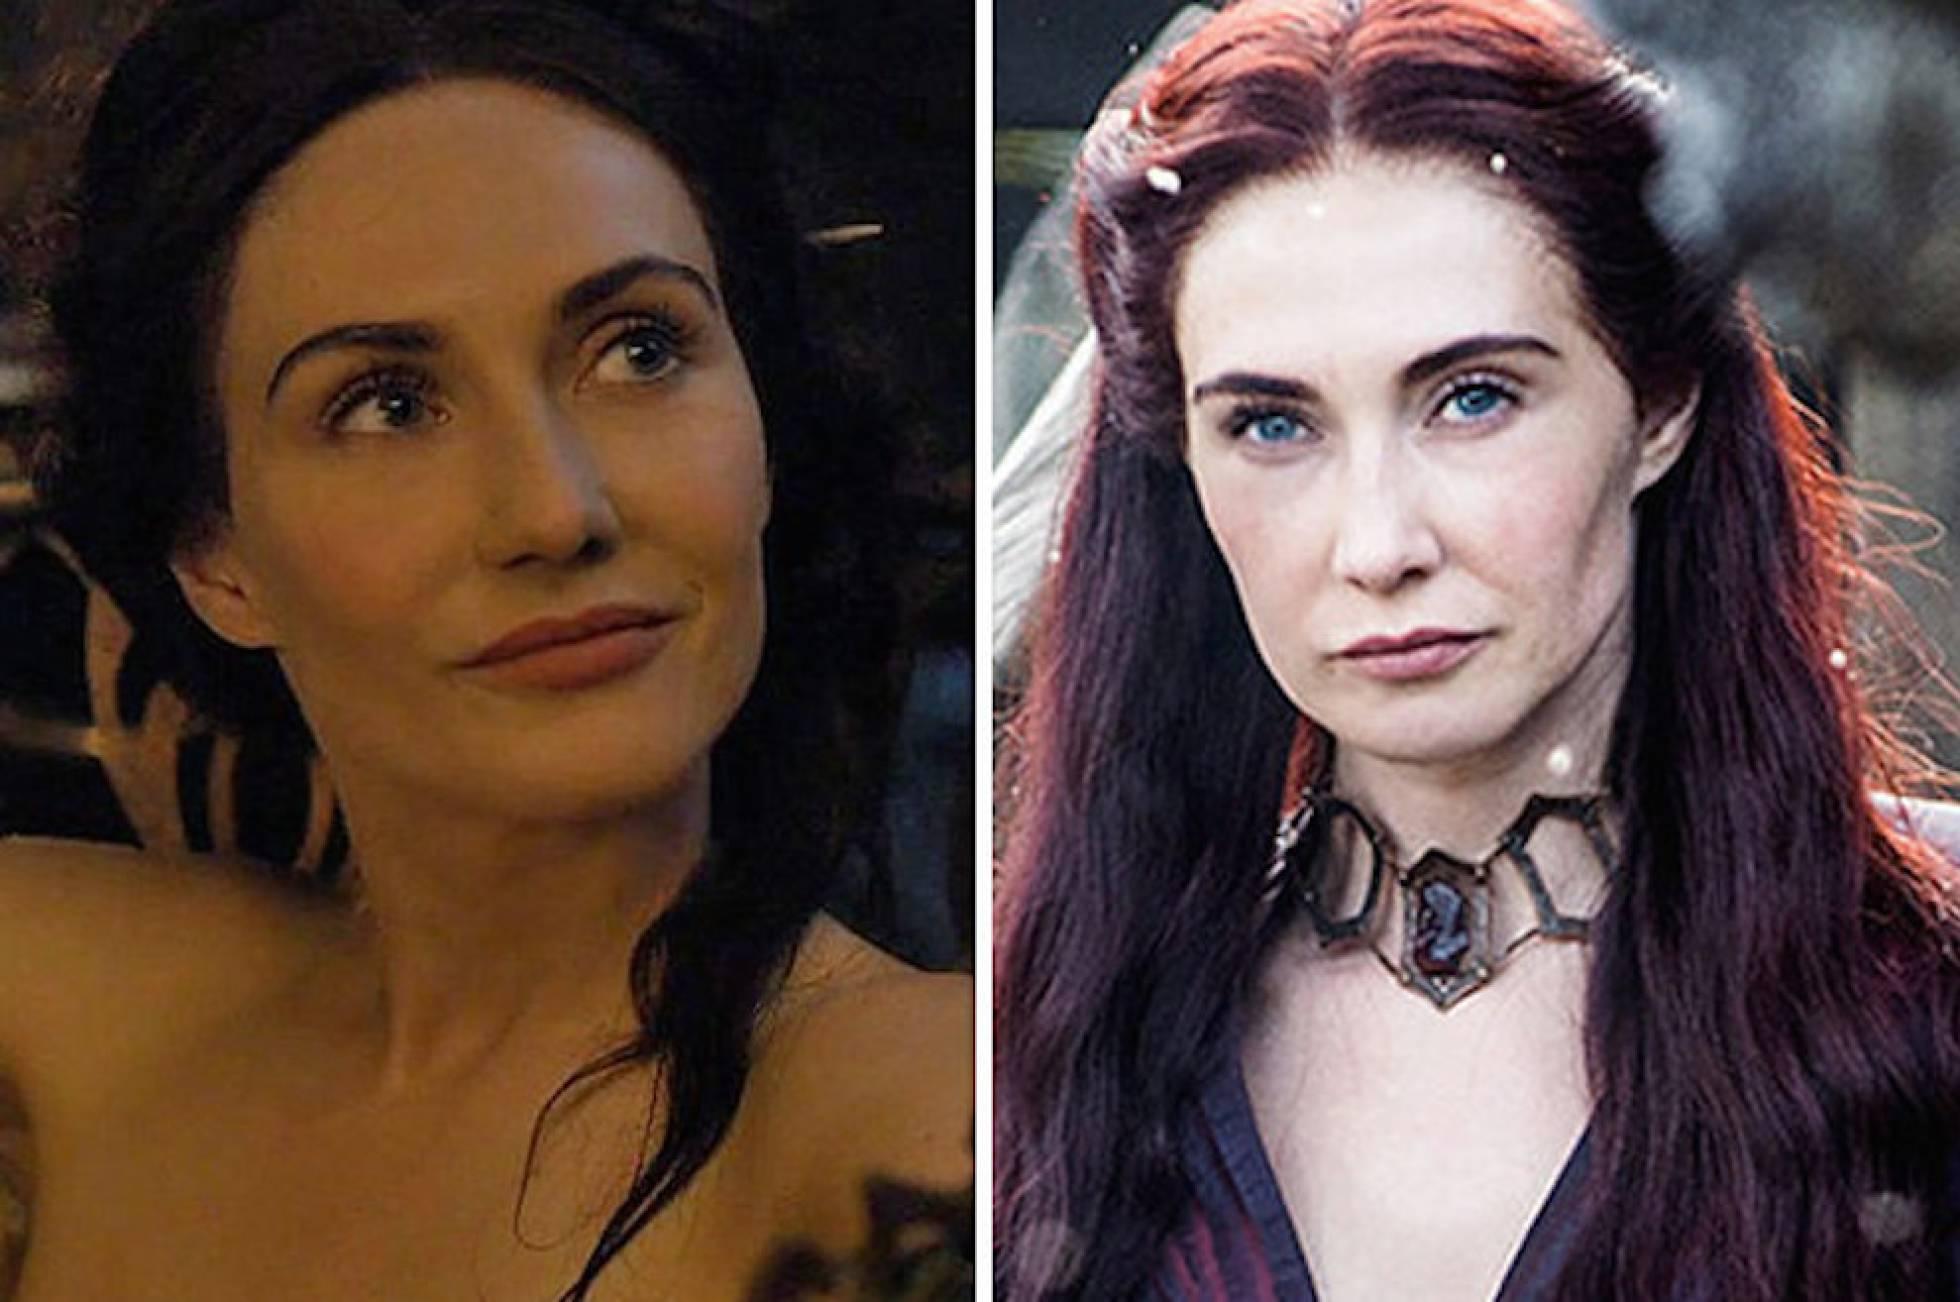 Izquierda: Melisandre joven sin el collar; derecha: con la joya puesta | Game of Thrones